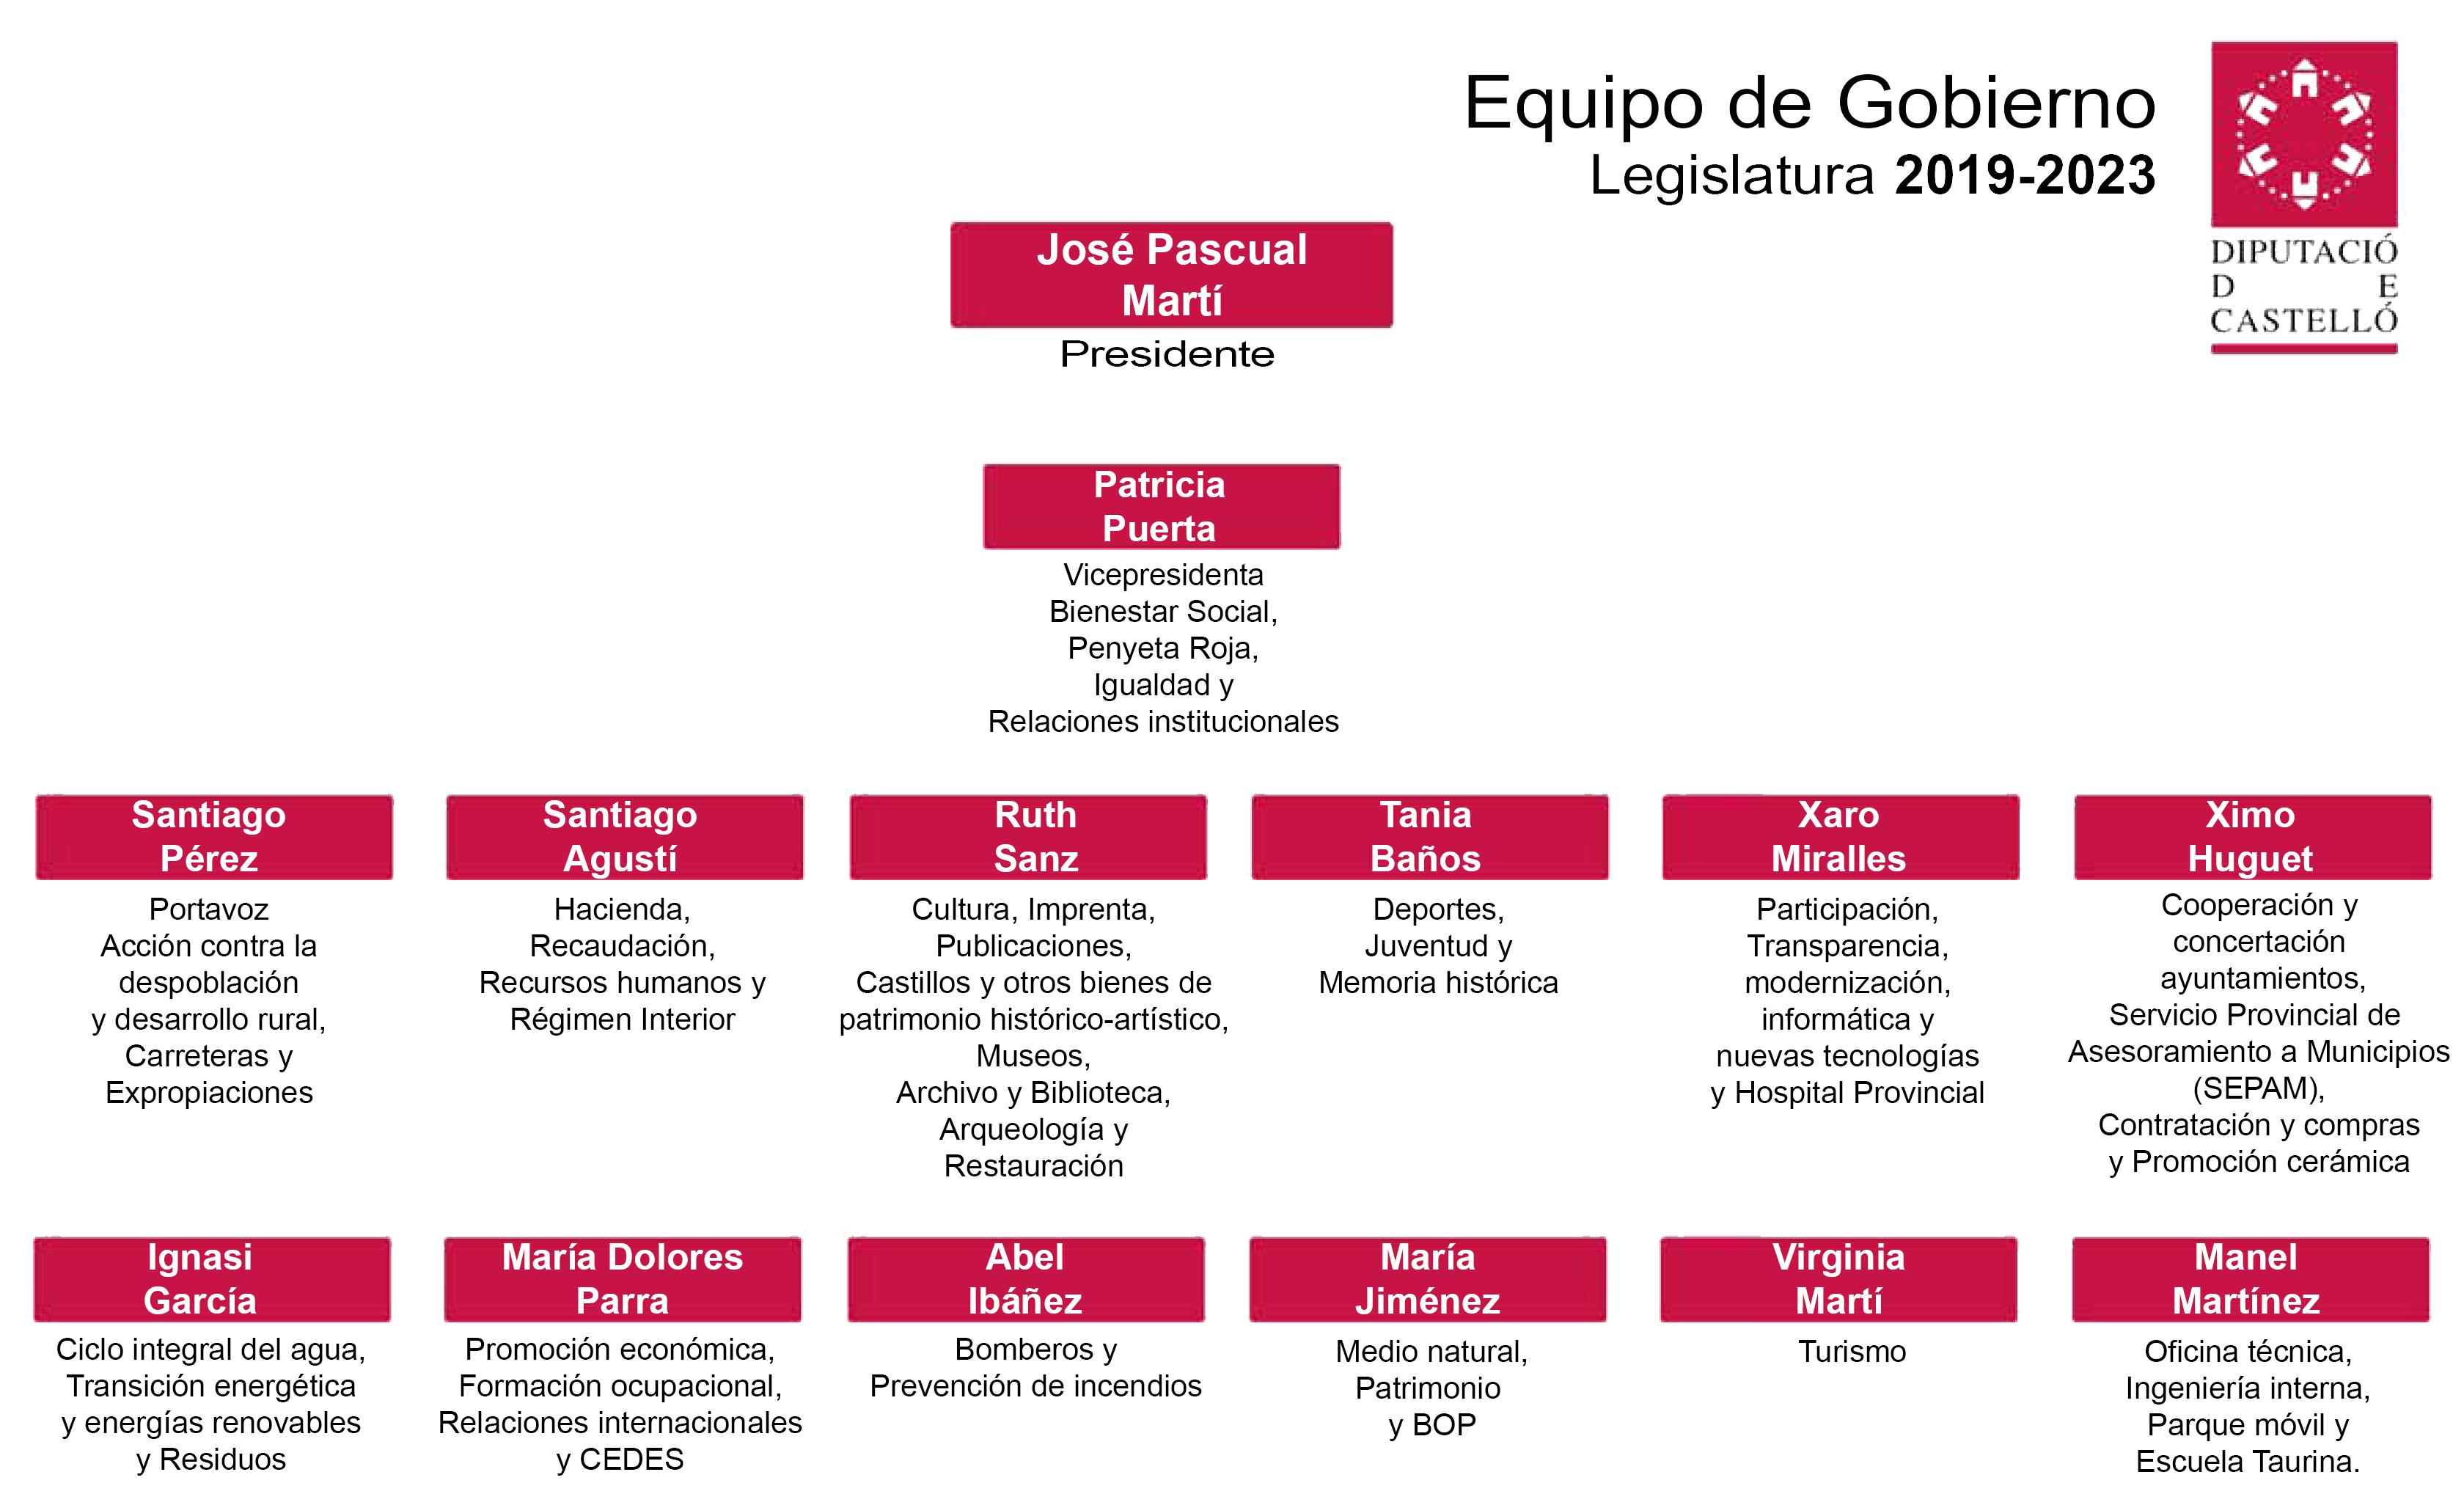 Equipo de gobierno 2019 - 2023